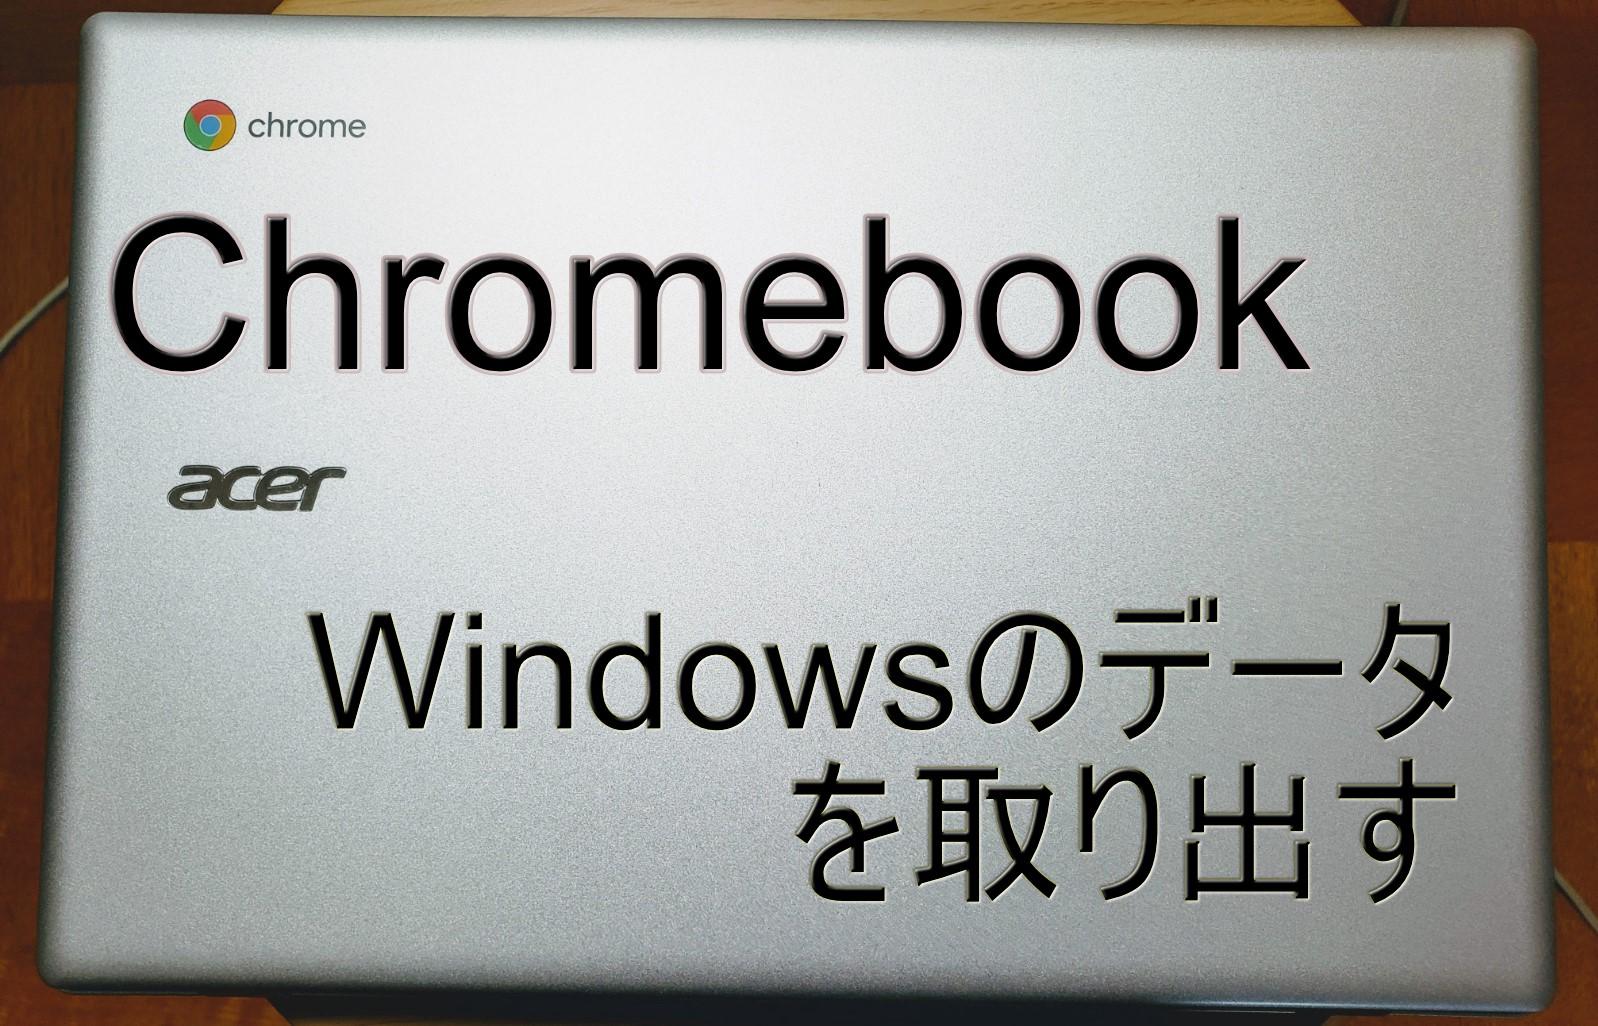 Chromebookで取り出すアイキャッチ